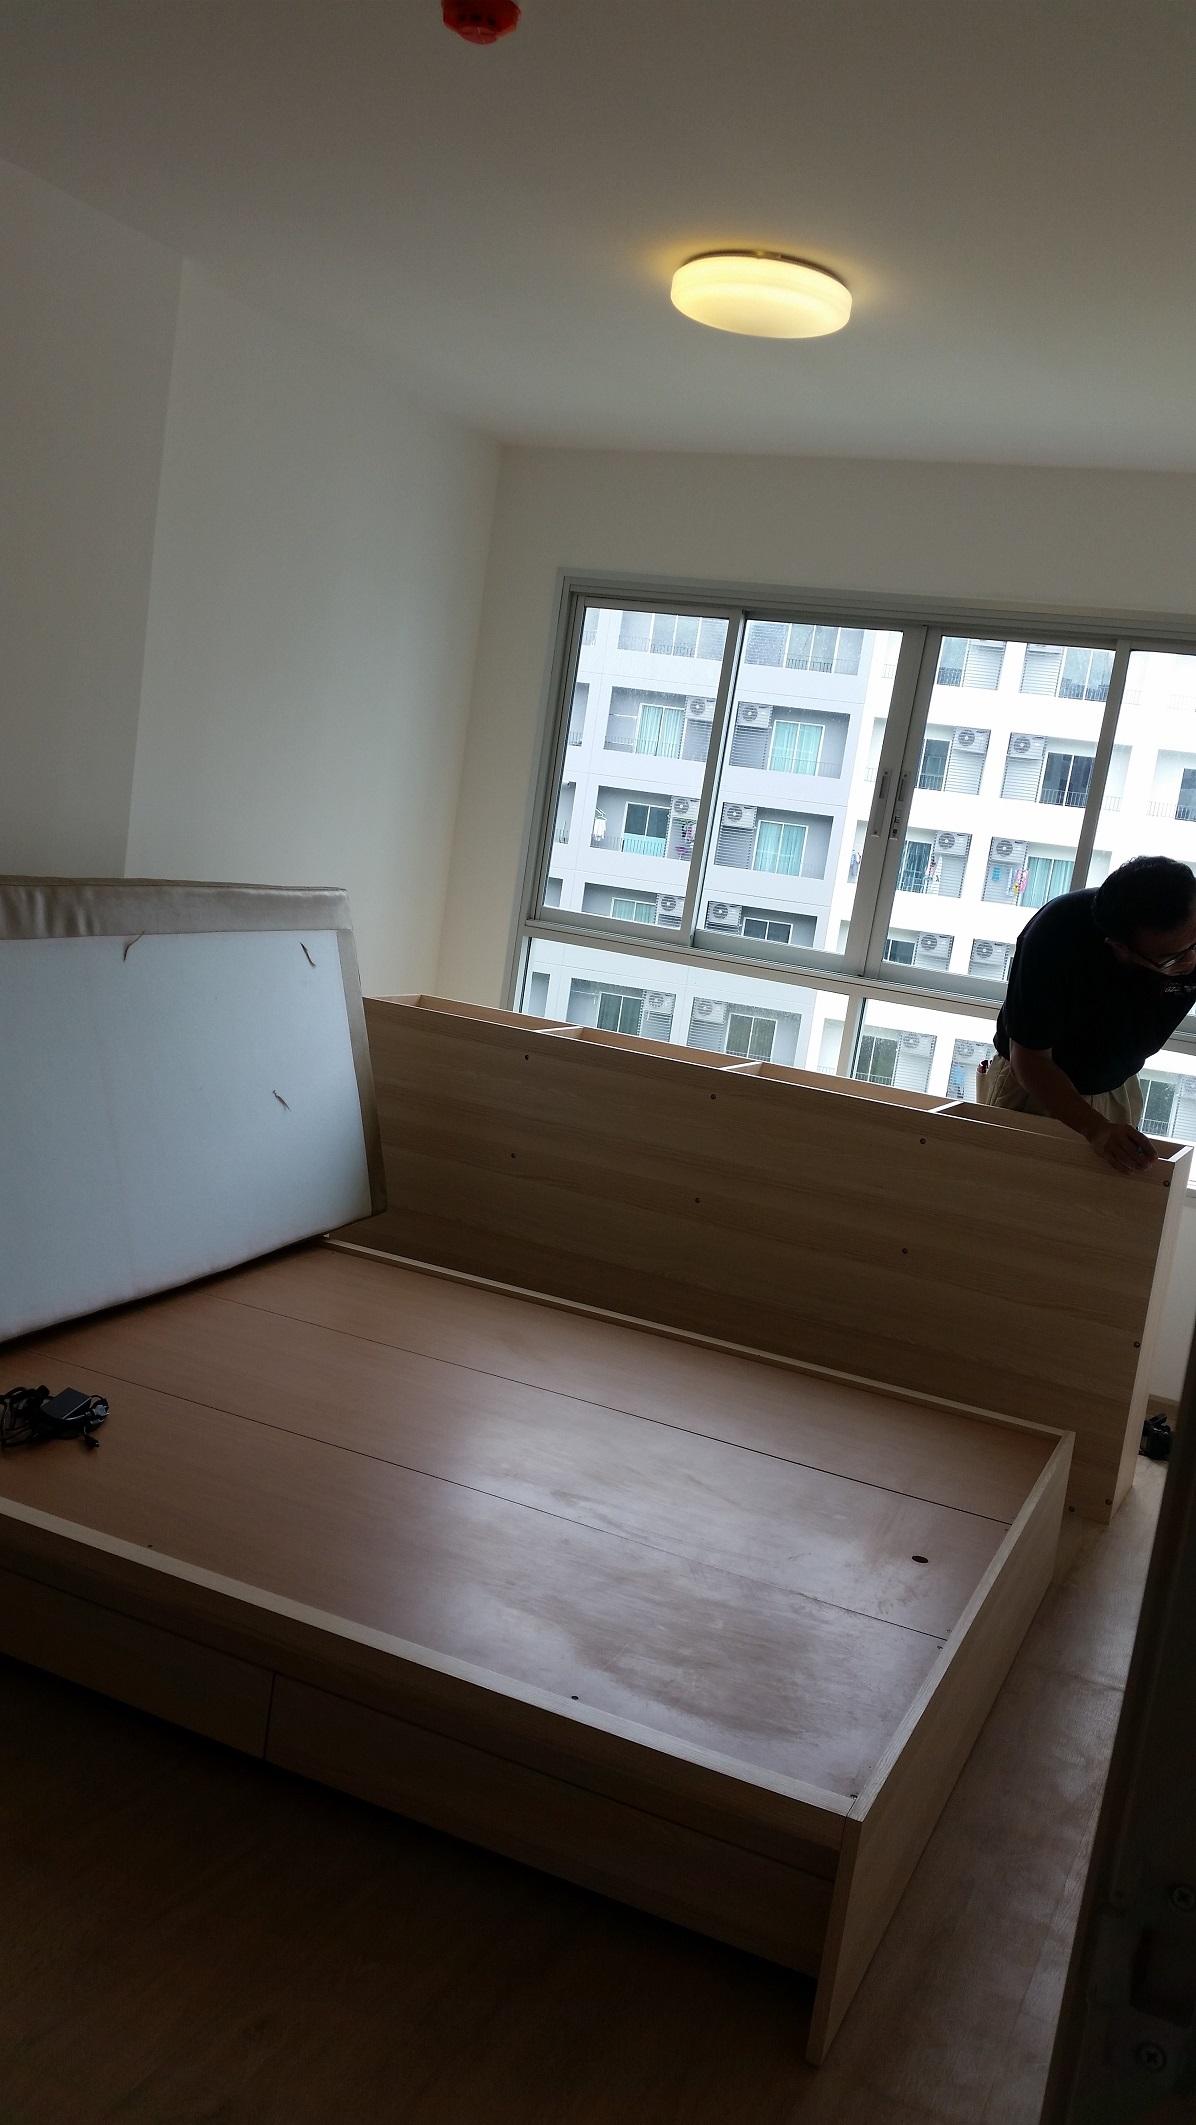 renovate 34 sq mts condo to hotel interior style (5)